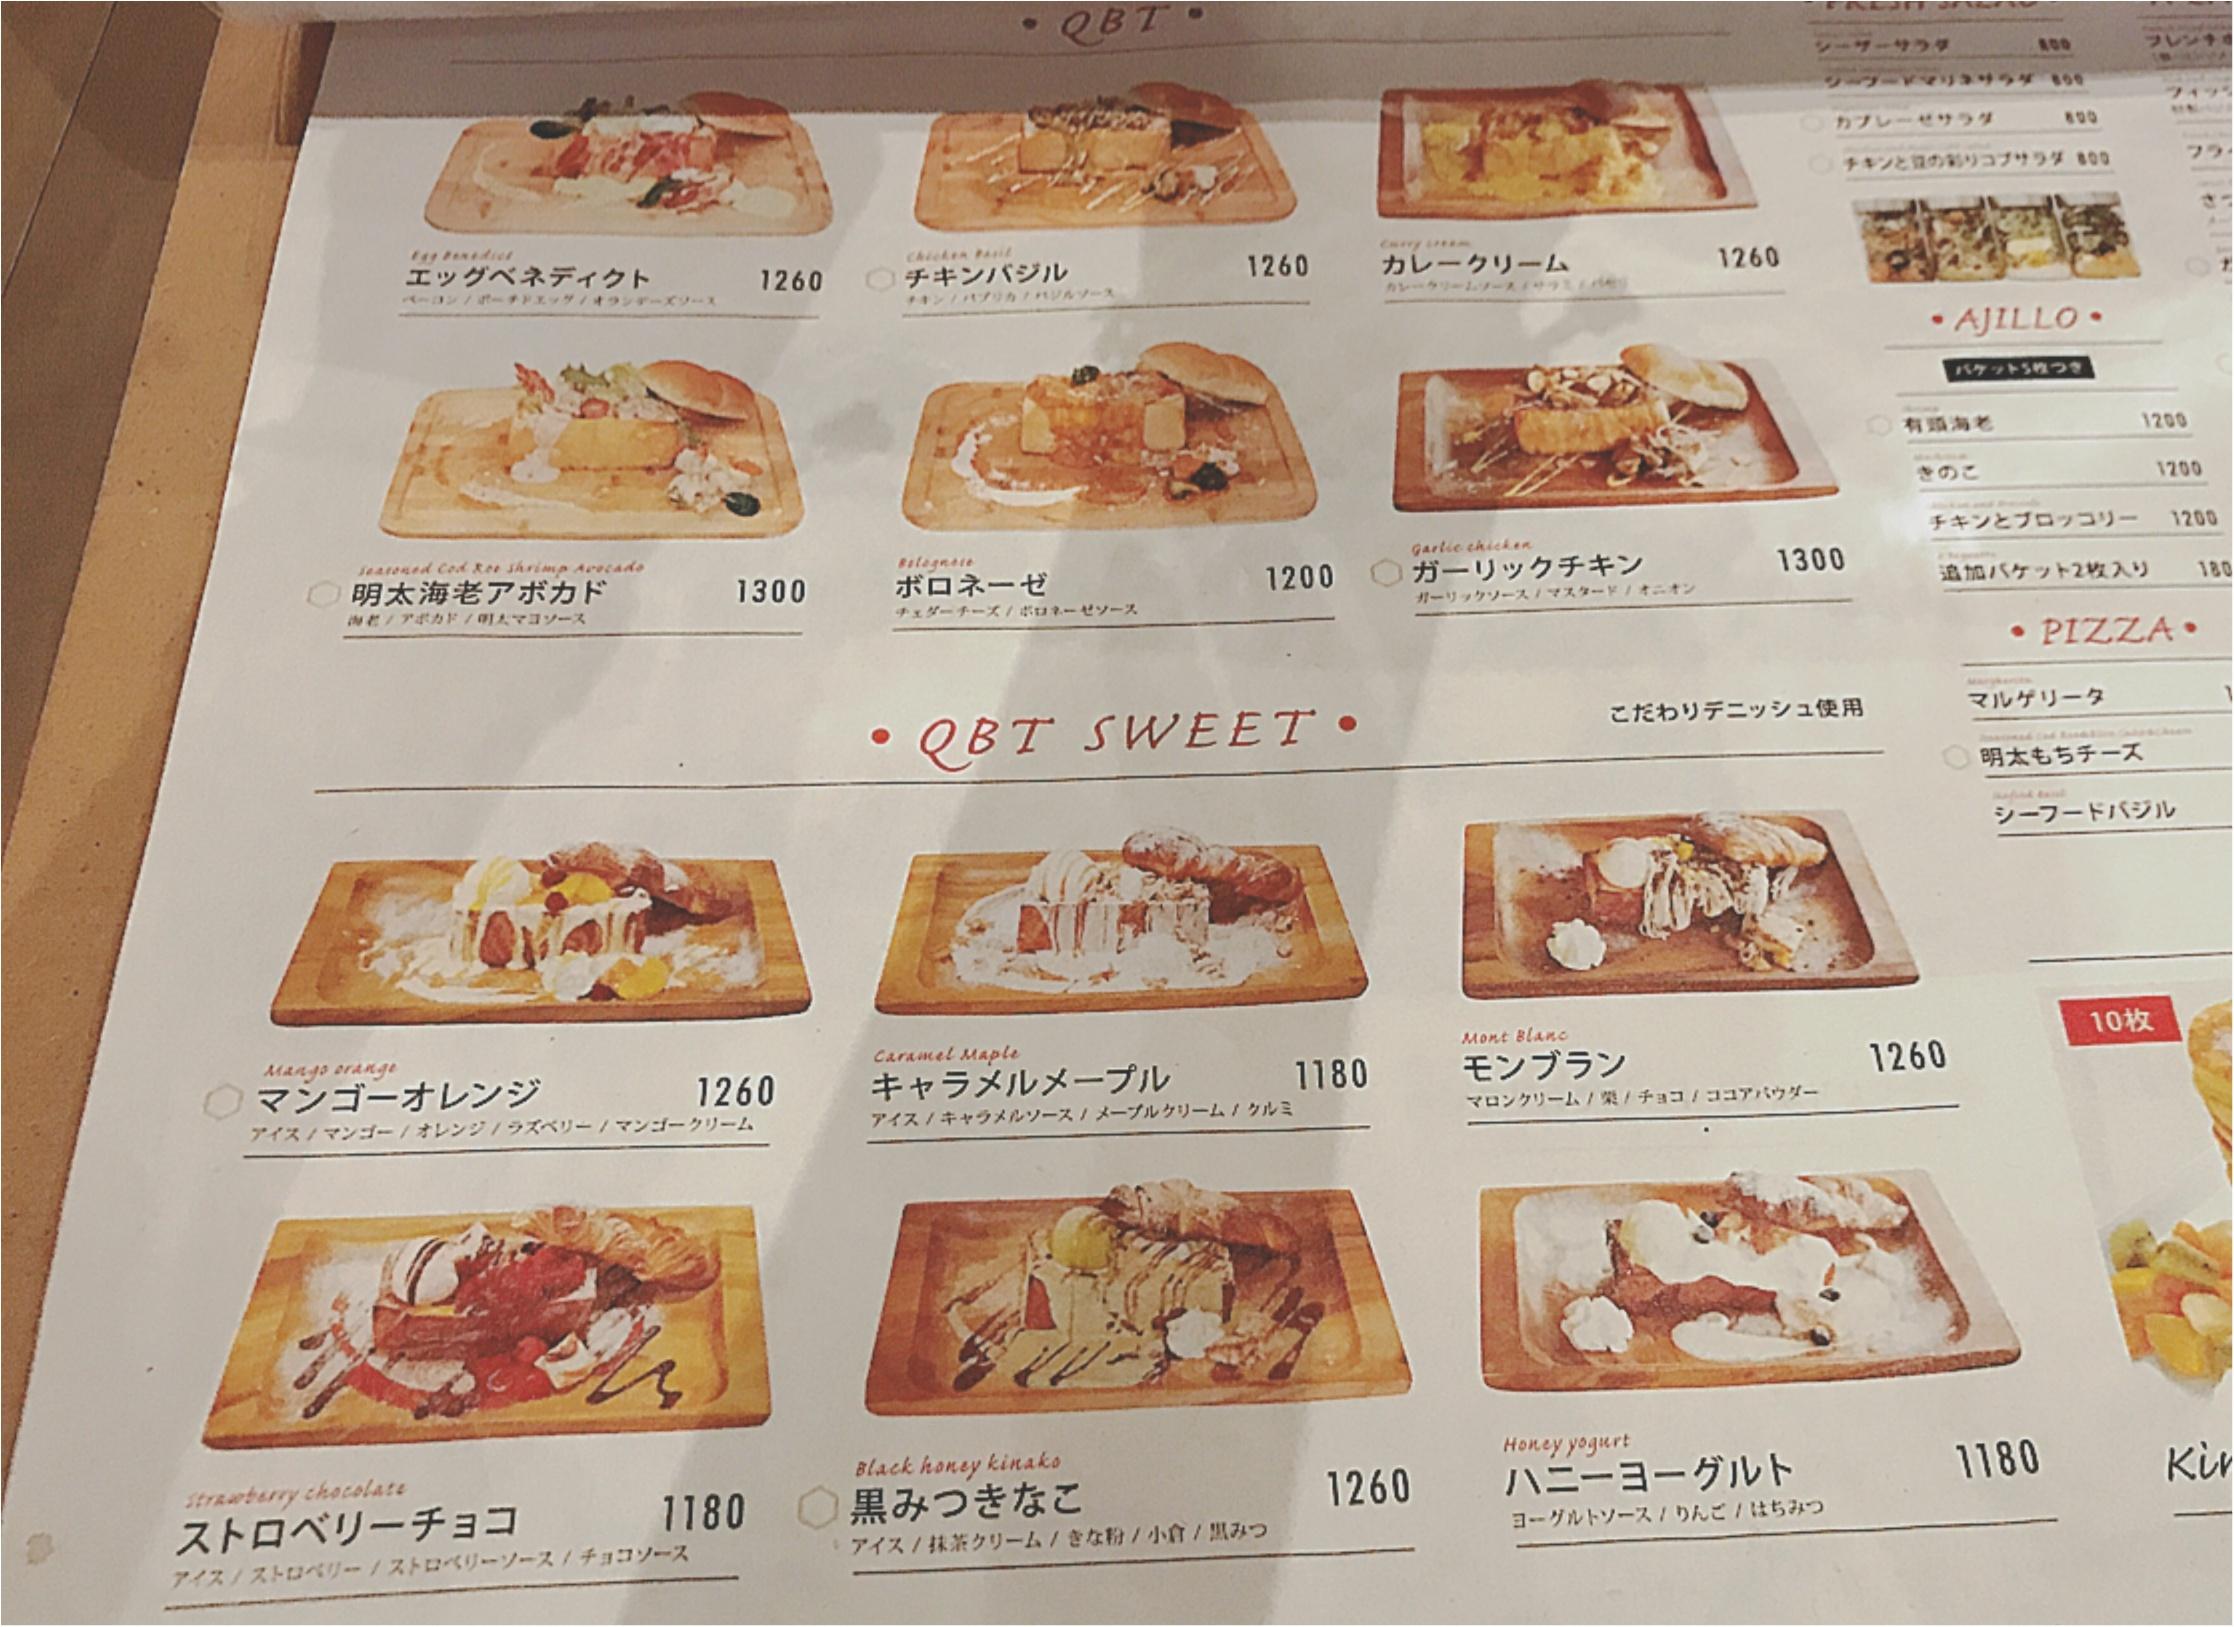 ★食パン丸ごとメインディッシュに⁉︎新感覚トースト『Q-BIC TOAST』っていったい何?★_2